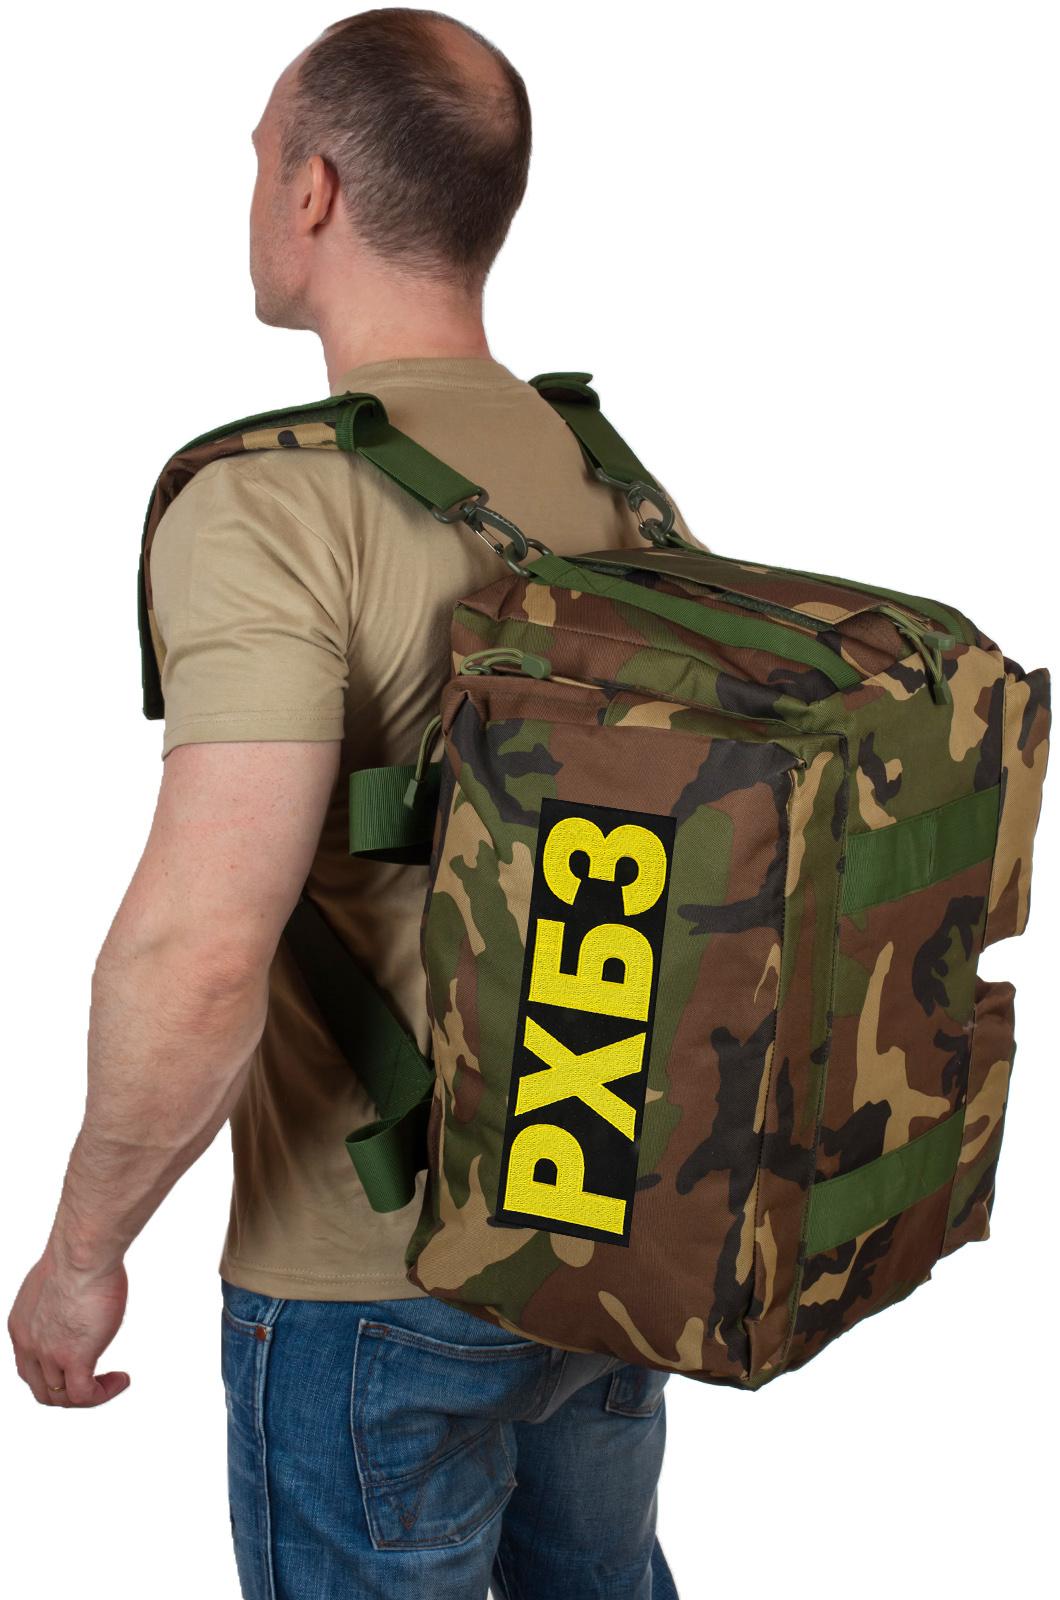 Купить заплечную дорожную сумку РХБЗ с доставкой в ваш город